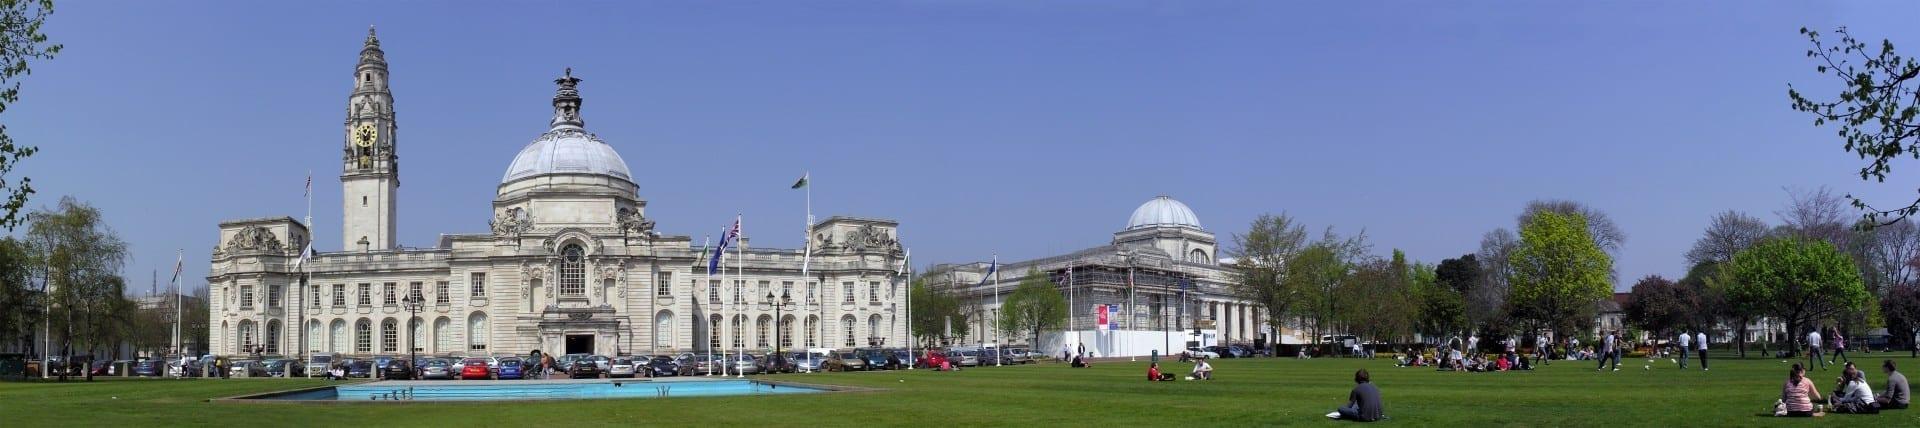 Hermoso centro cívico frente al Ayuntamiento (izquierda) y el Museo Nacional de Gales (derecha) Cardiff Reino Unido